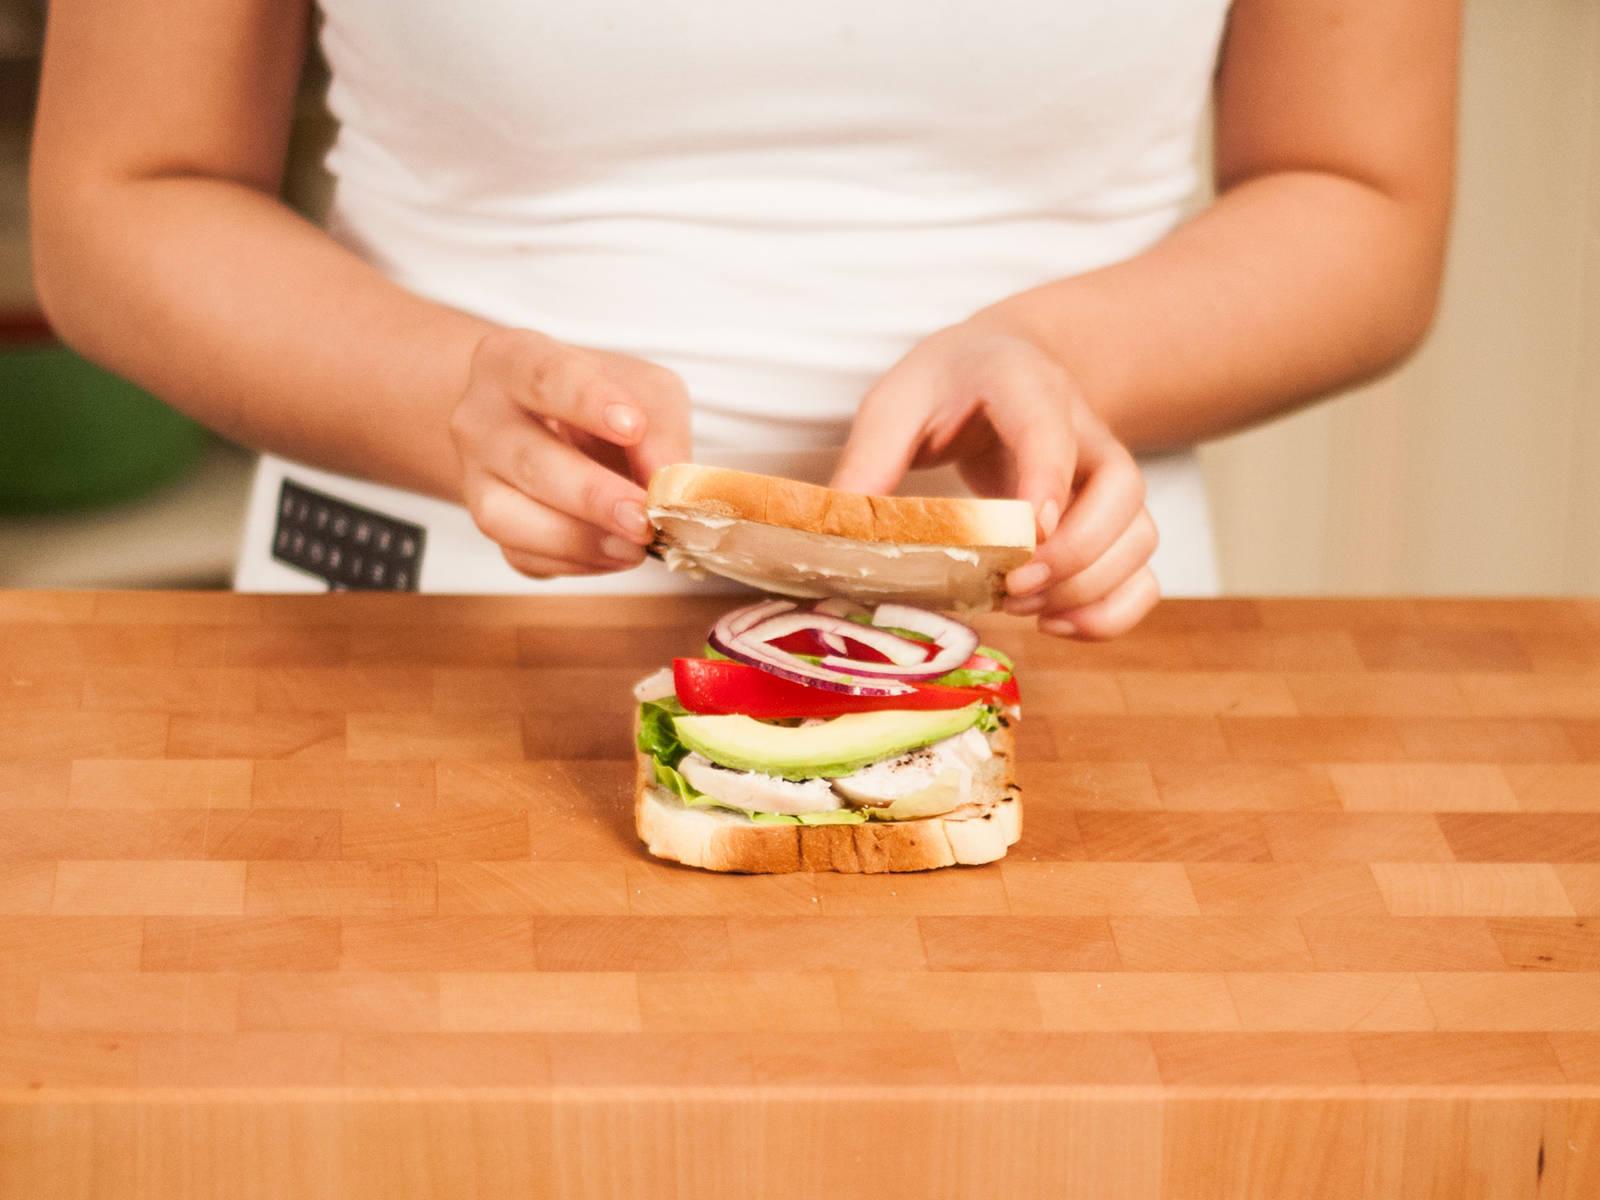 Hühnerbrust in Streifen schneiden. Auf einer Toastbrotscheibe Salat, Hühnchen, Avocado, Paprika und Zwiebel schichten. Nach Geschmack mit Salz und Pfeffer würzen. Die zweite Toastscheibe großzügig mit Frischkäse bestreichen und auf die andere, belegte Toasthälfte legen. Sandwich diagonal halbieren und mit süßer Chilisoße servieren.